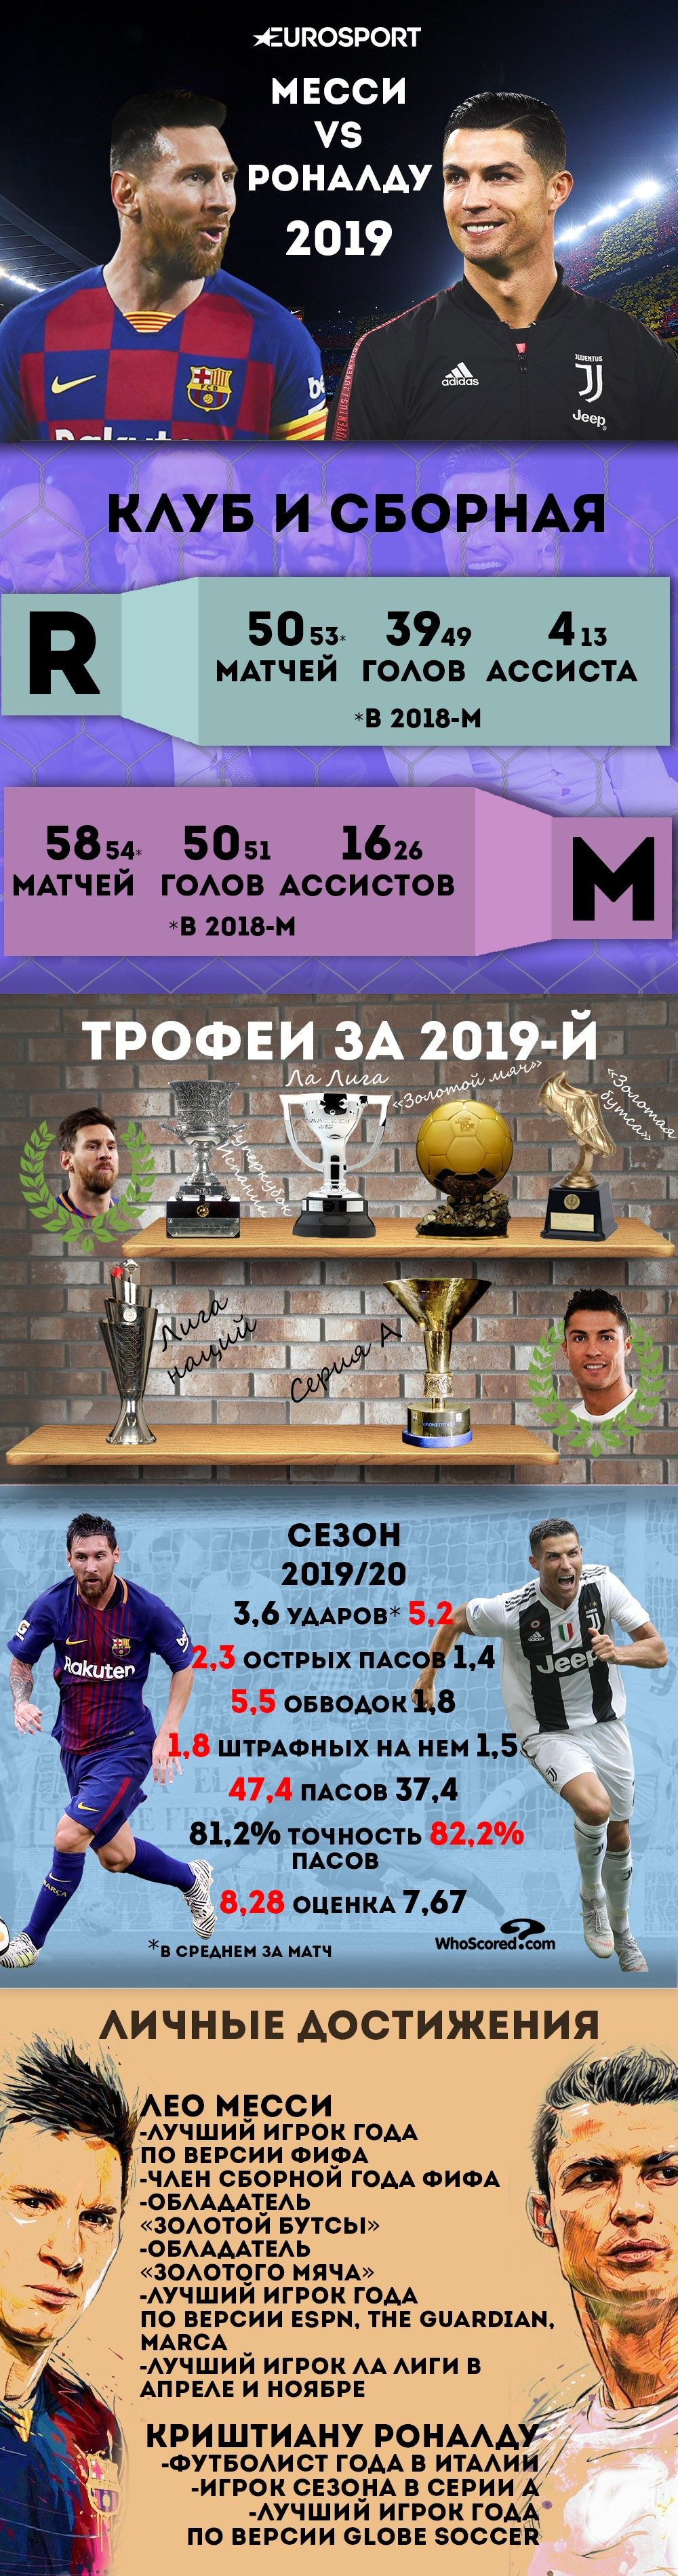 Инфографика Месси vs Роналду в 2019-м